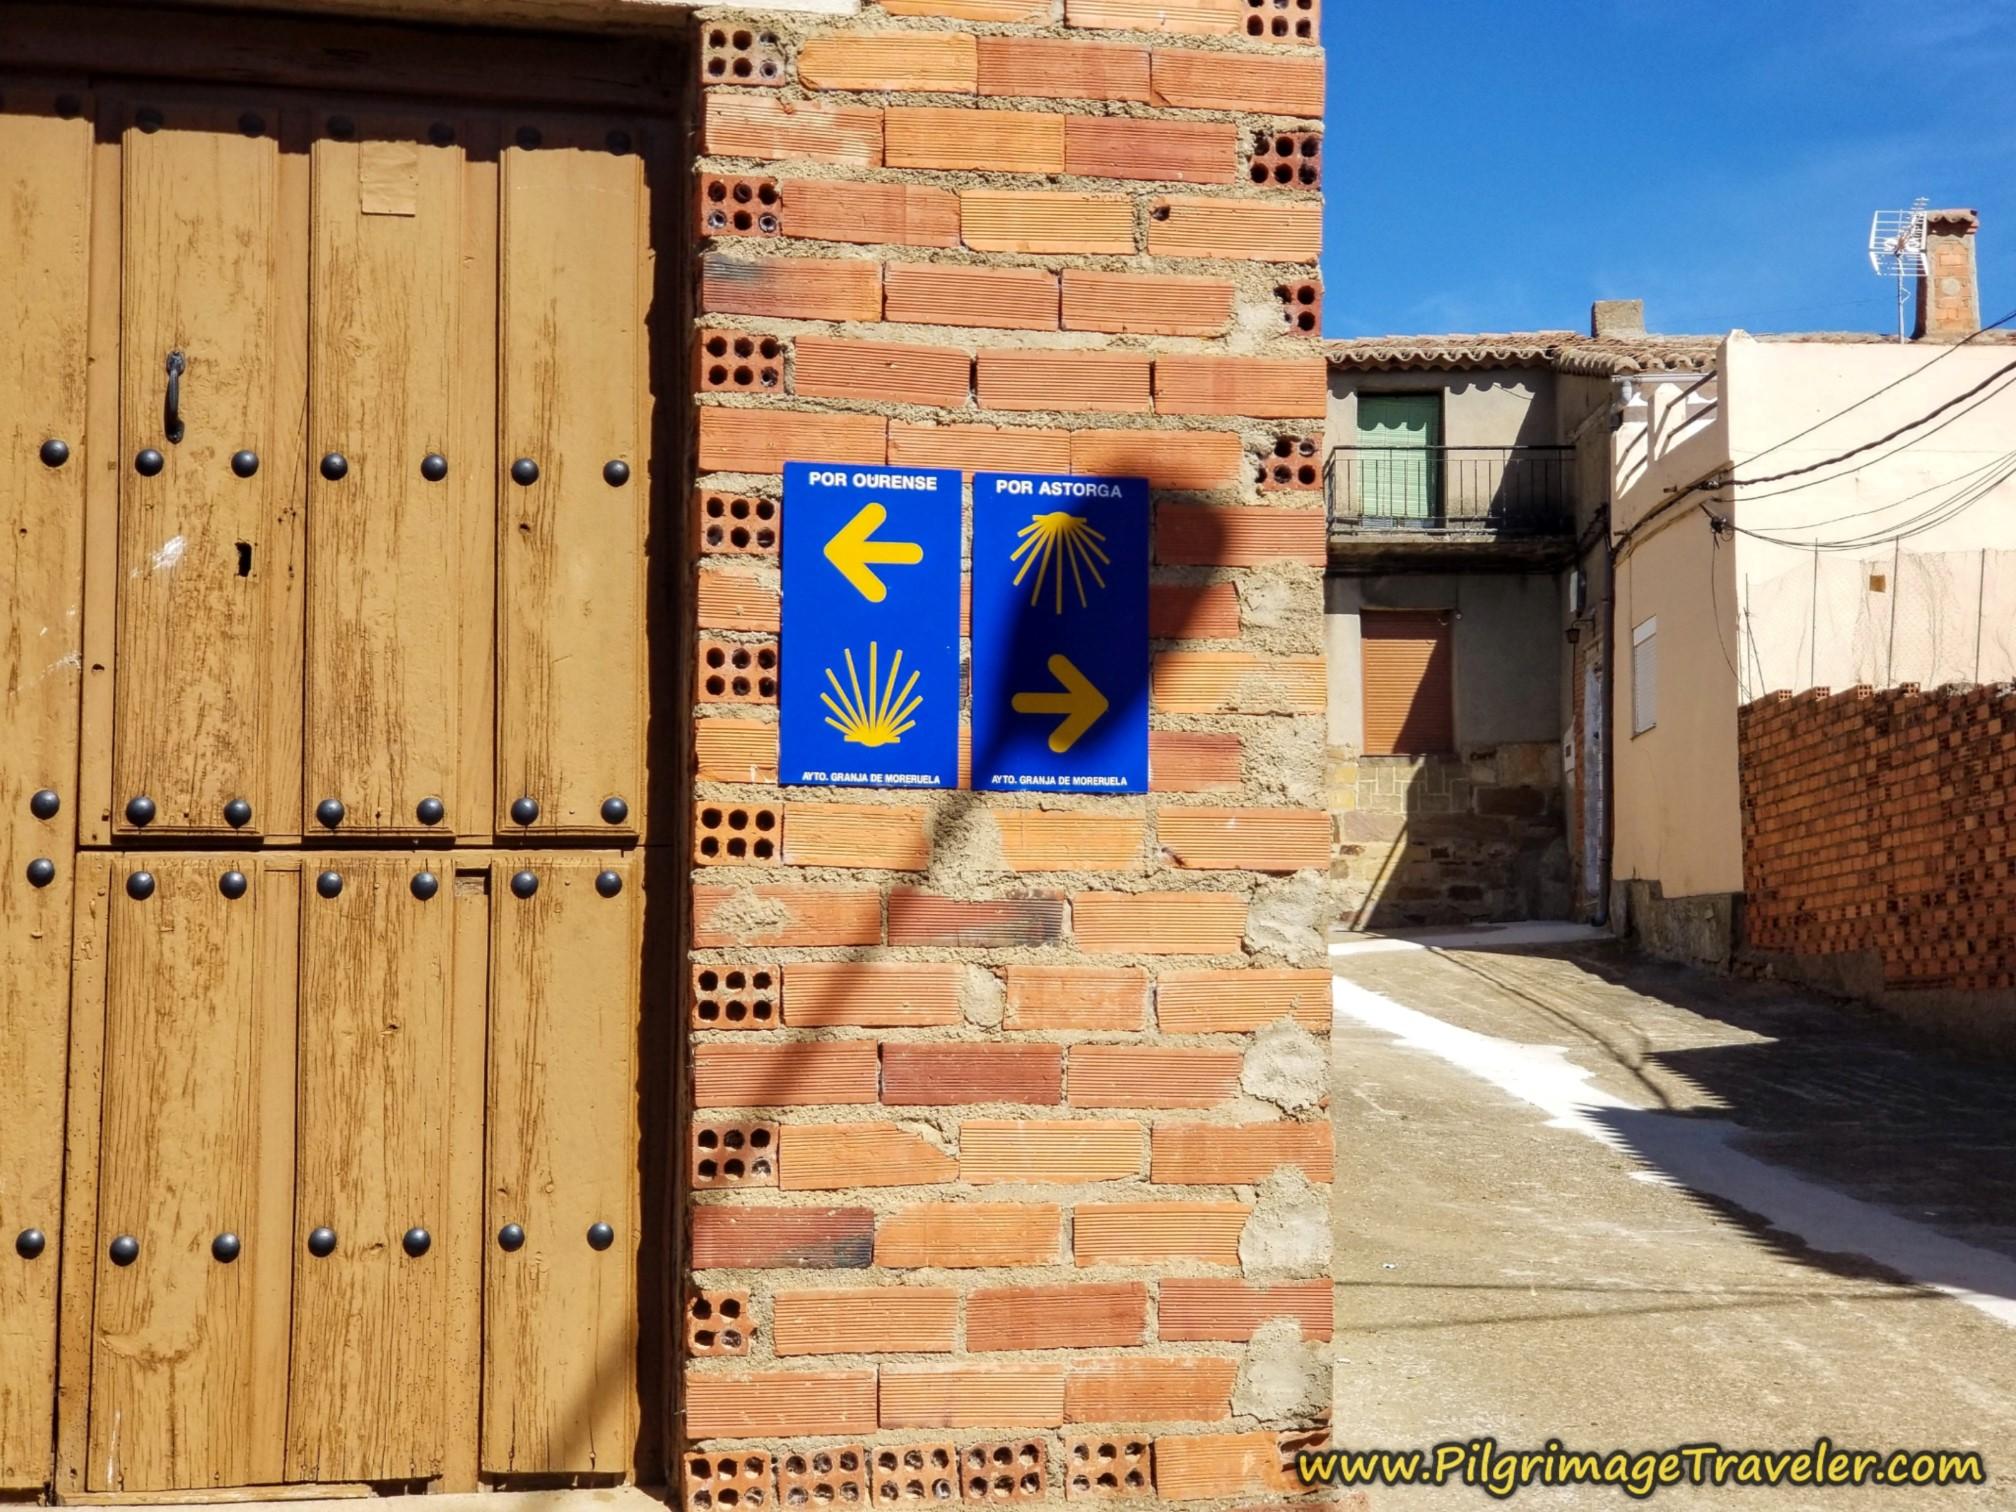 Second Notice of Bifurcation in Caminos